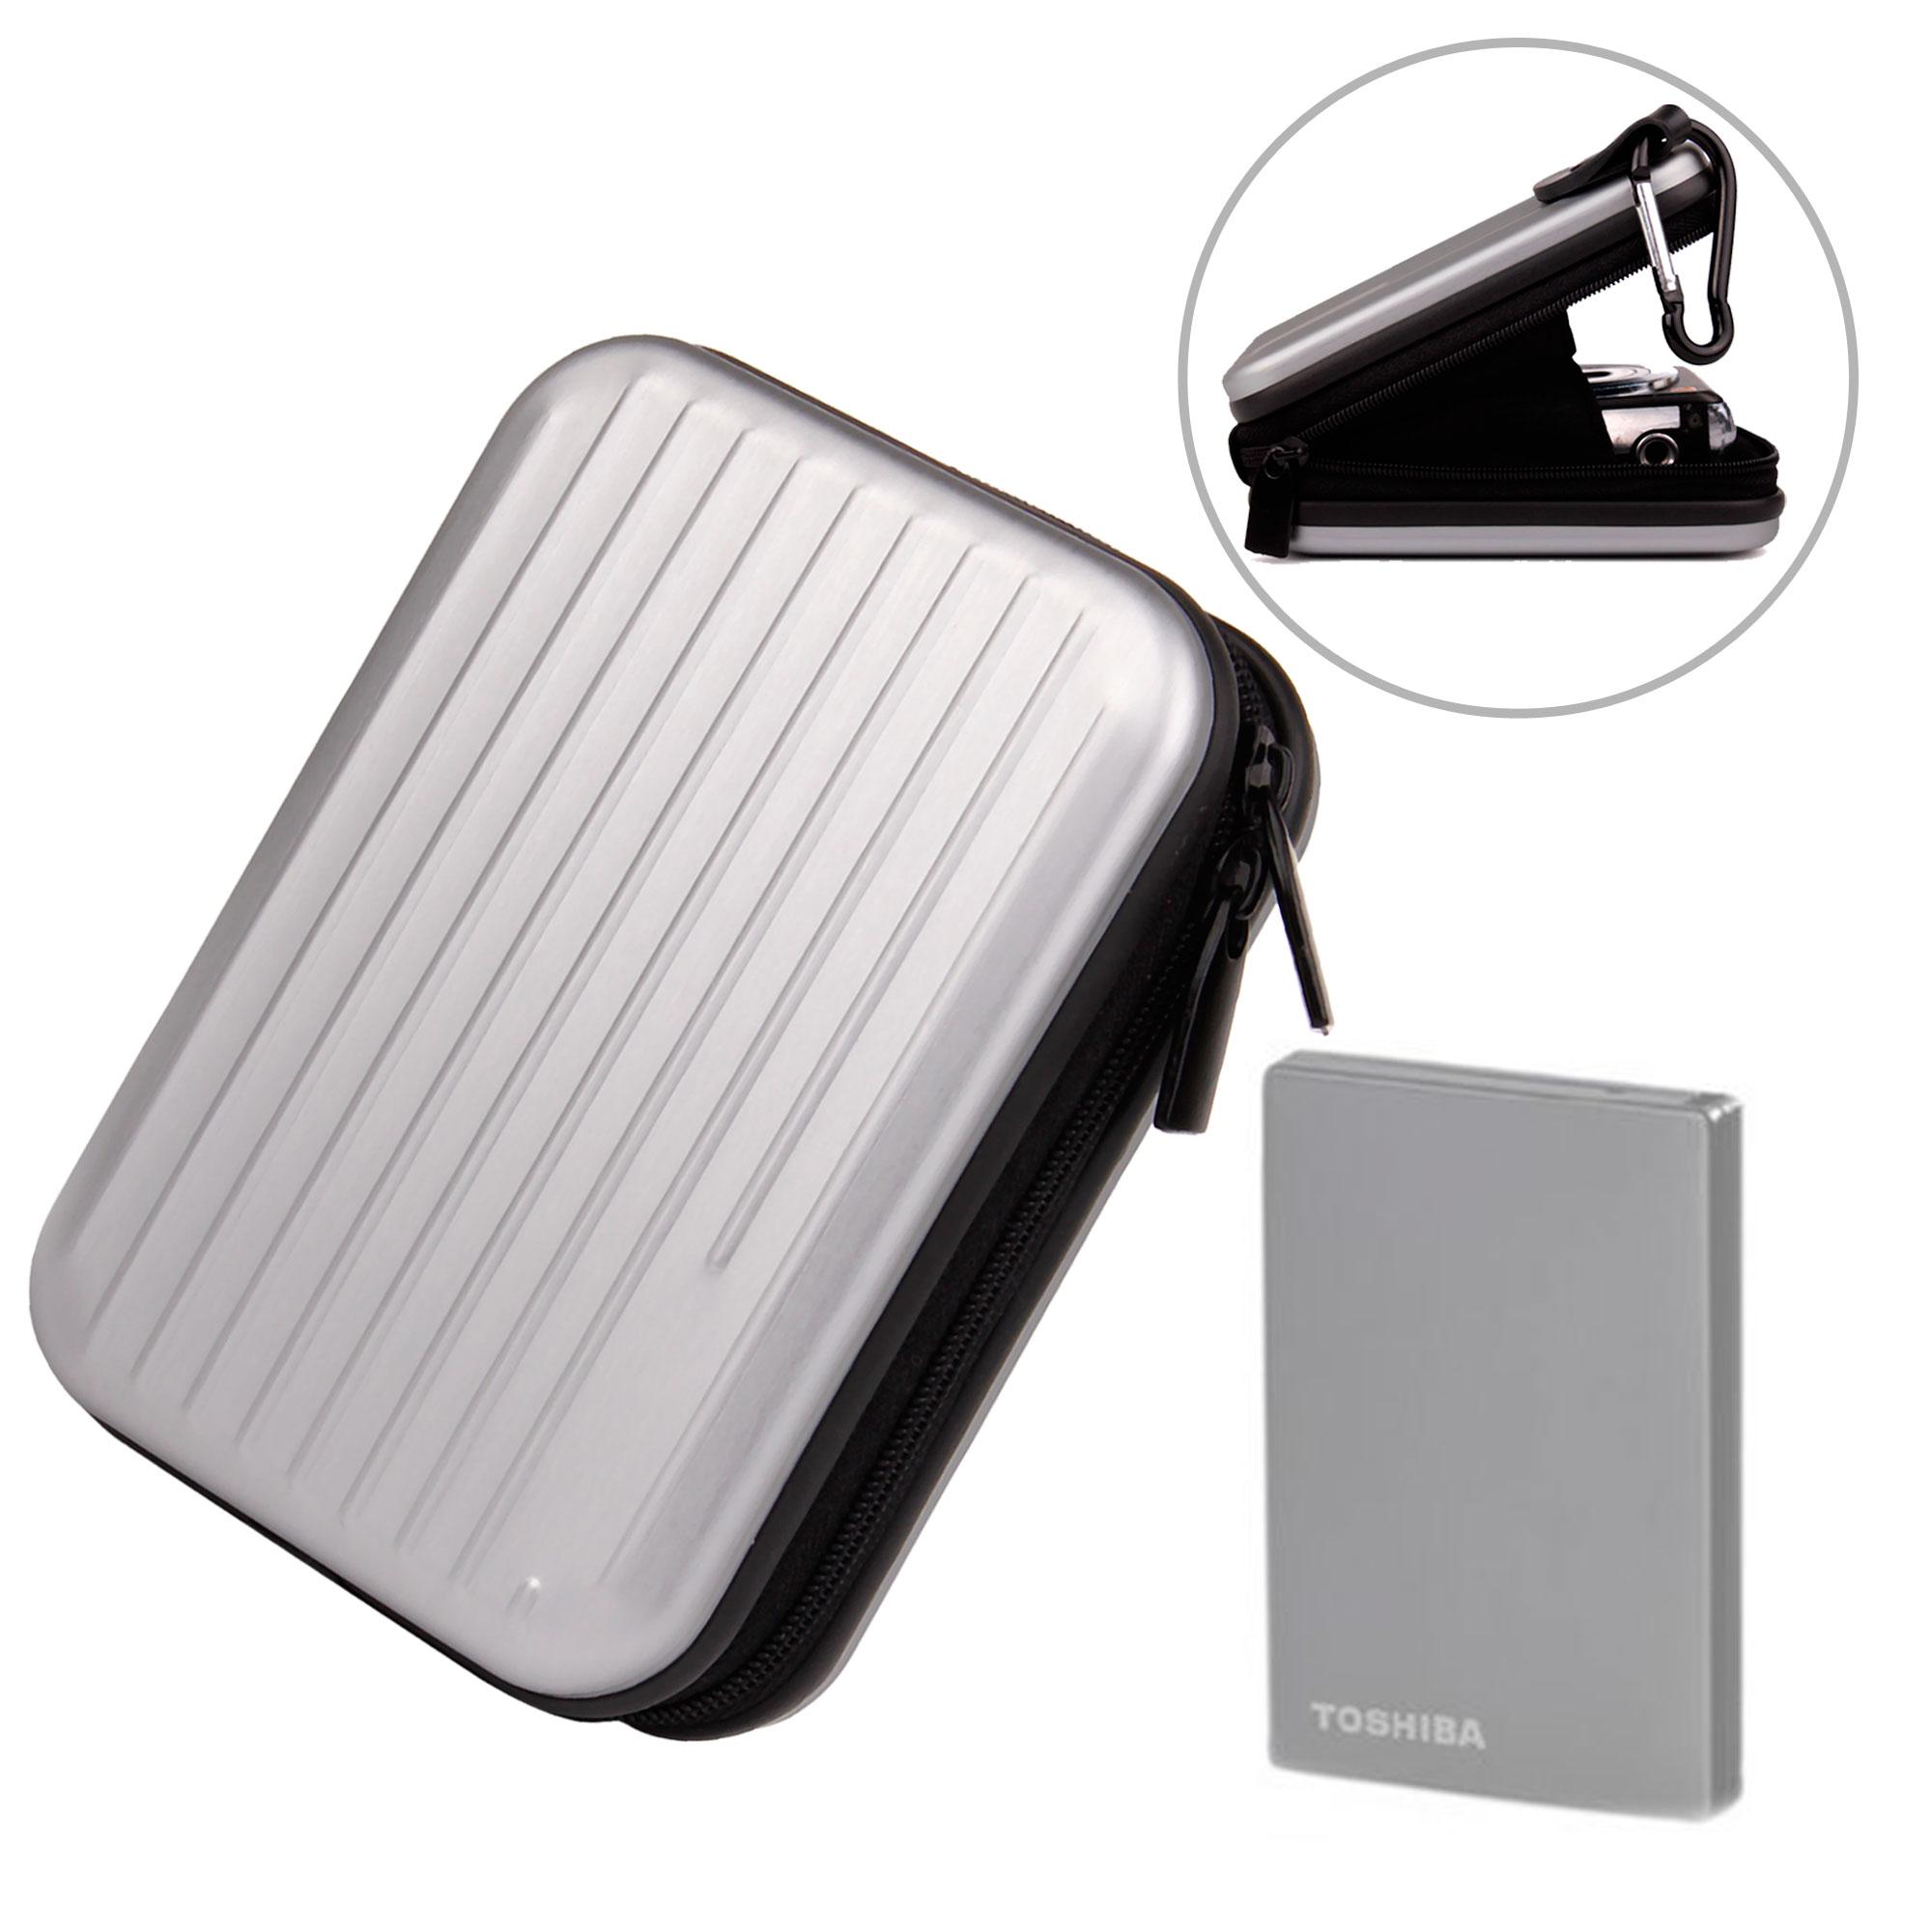 Housse en aluminium l ger pour disque dur externe toshiba for Disque dur exterieur